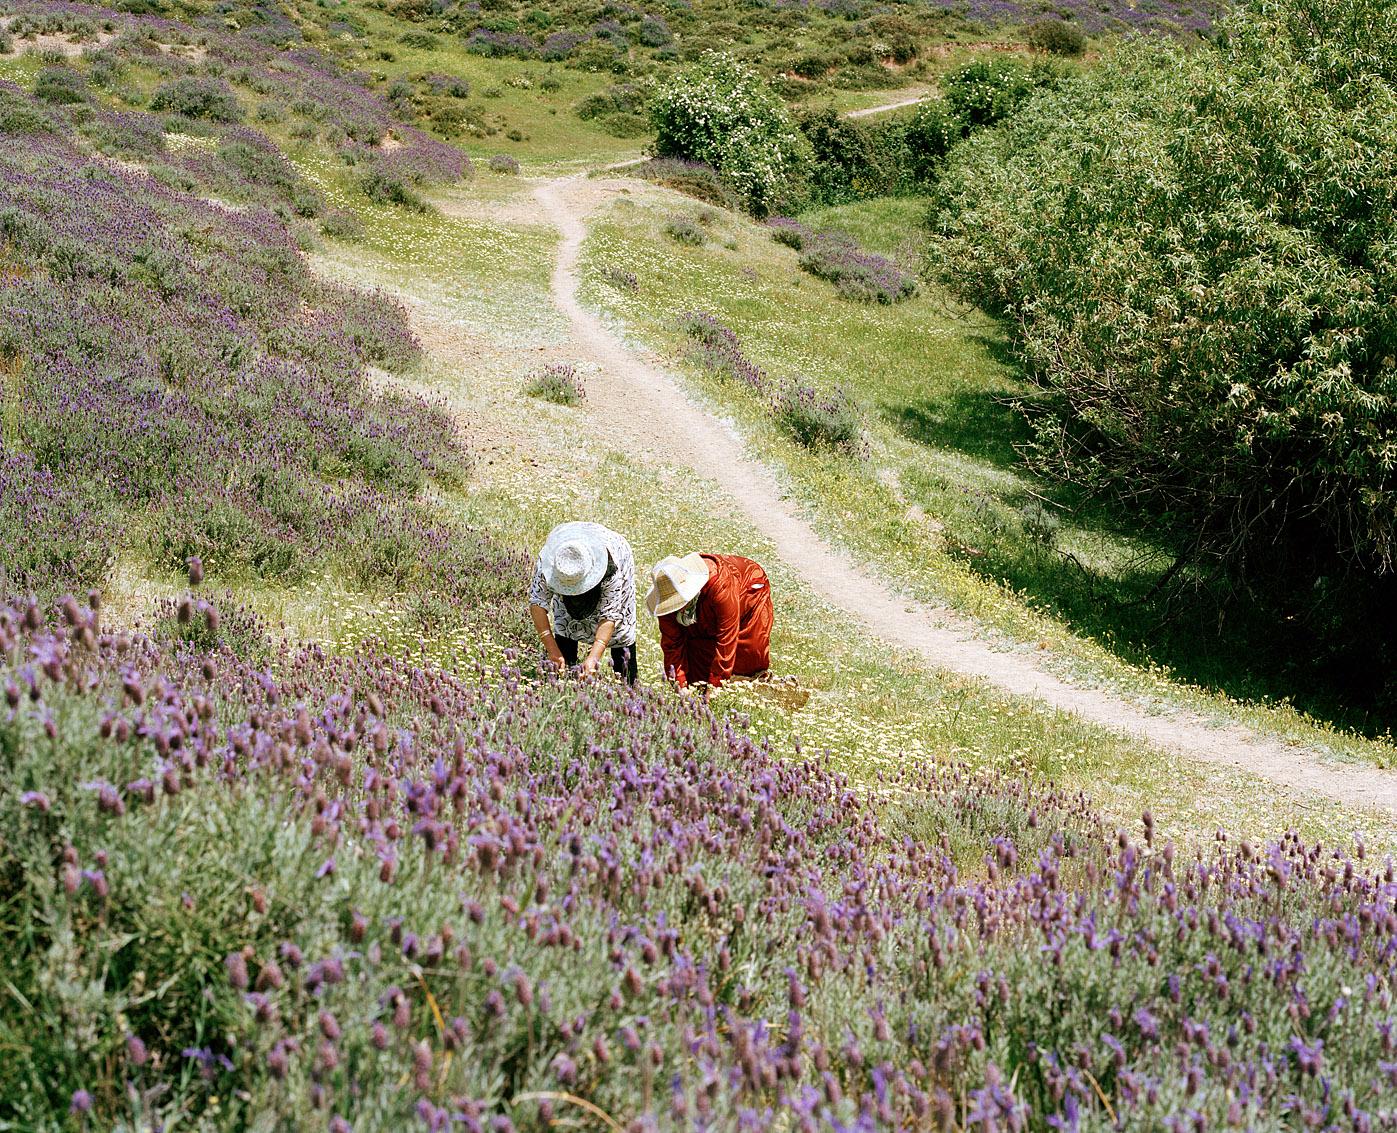 Récolte de camomille et de lavande, coopérative de femmes Achifae (guérison en Berbère) du village de Ben Smim, Maroc.